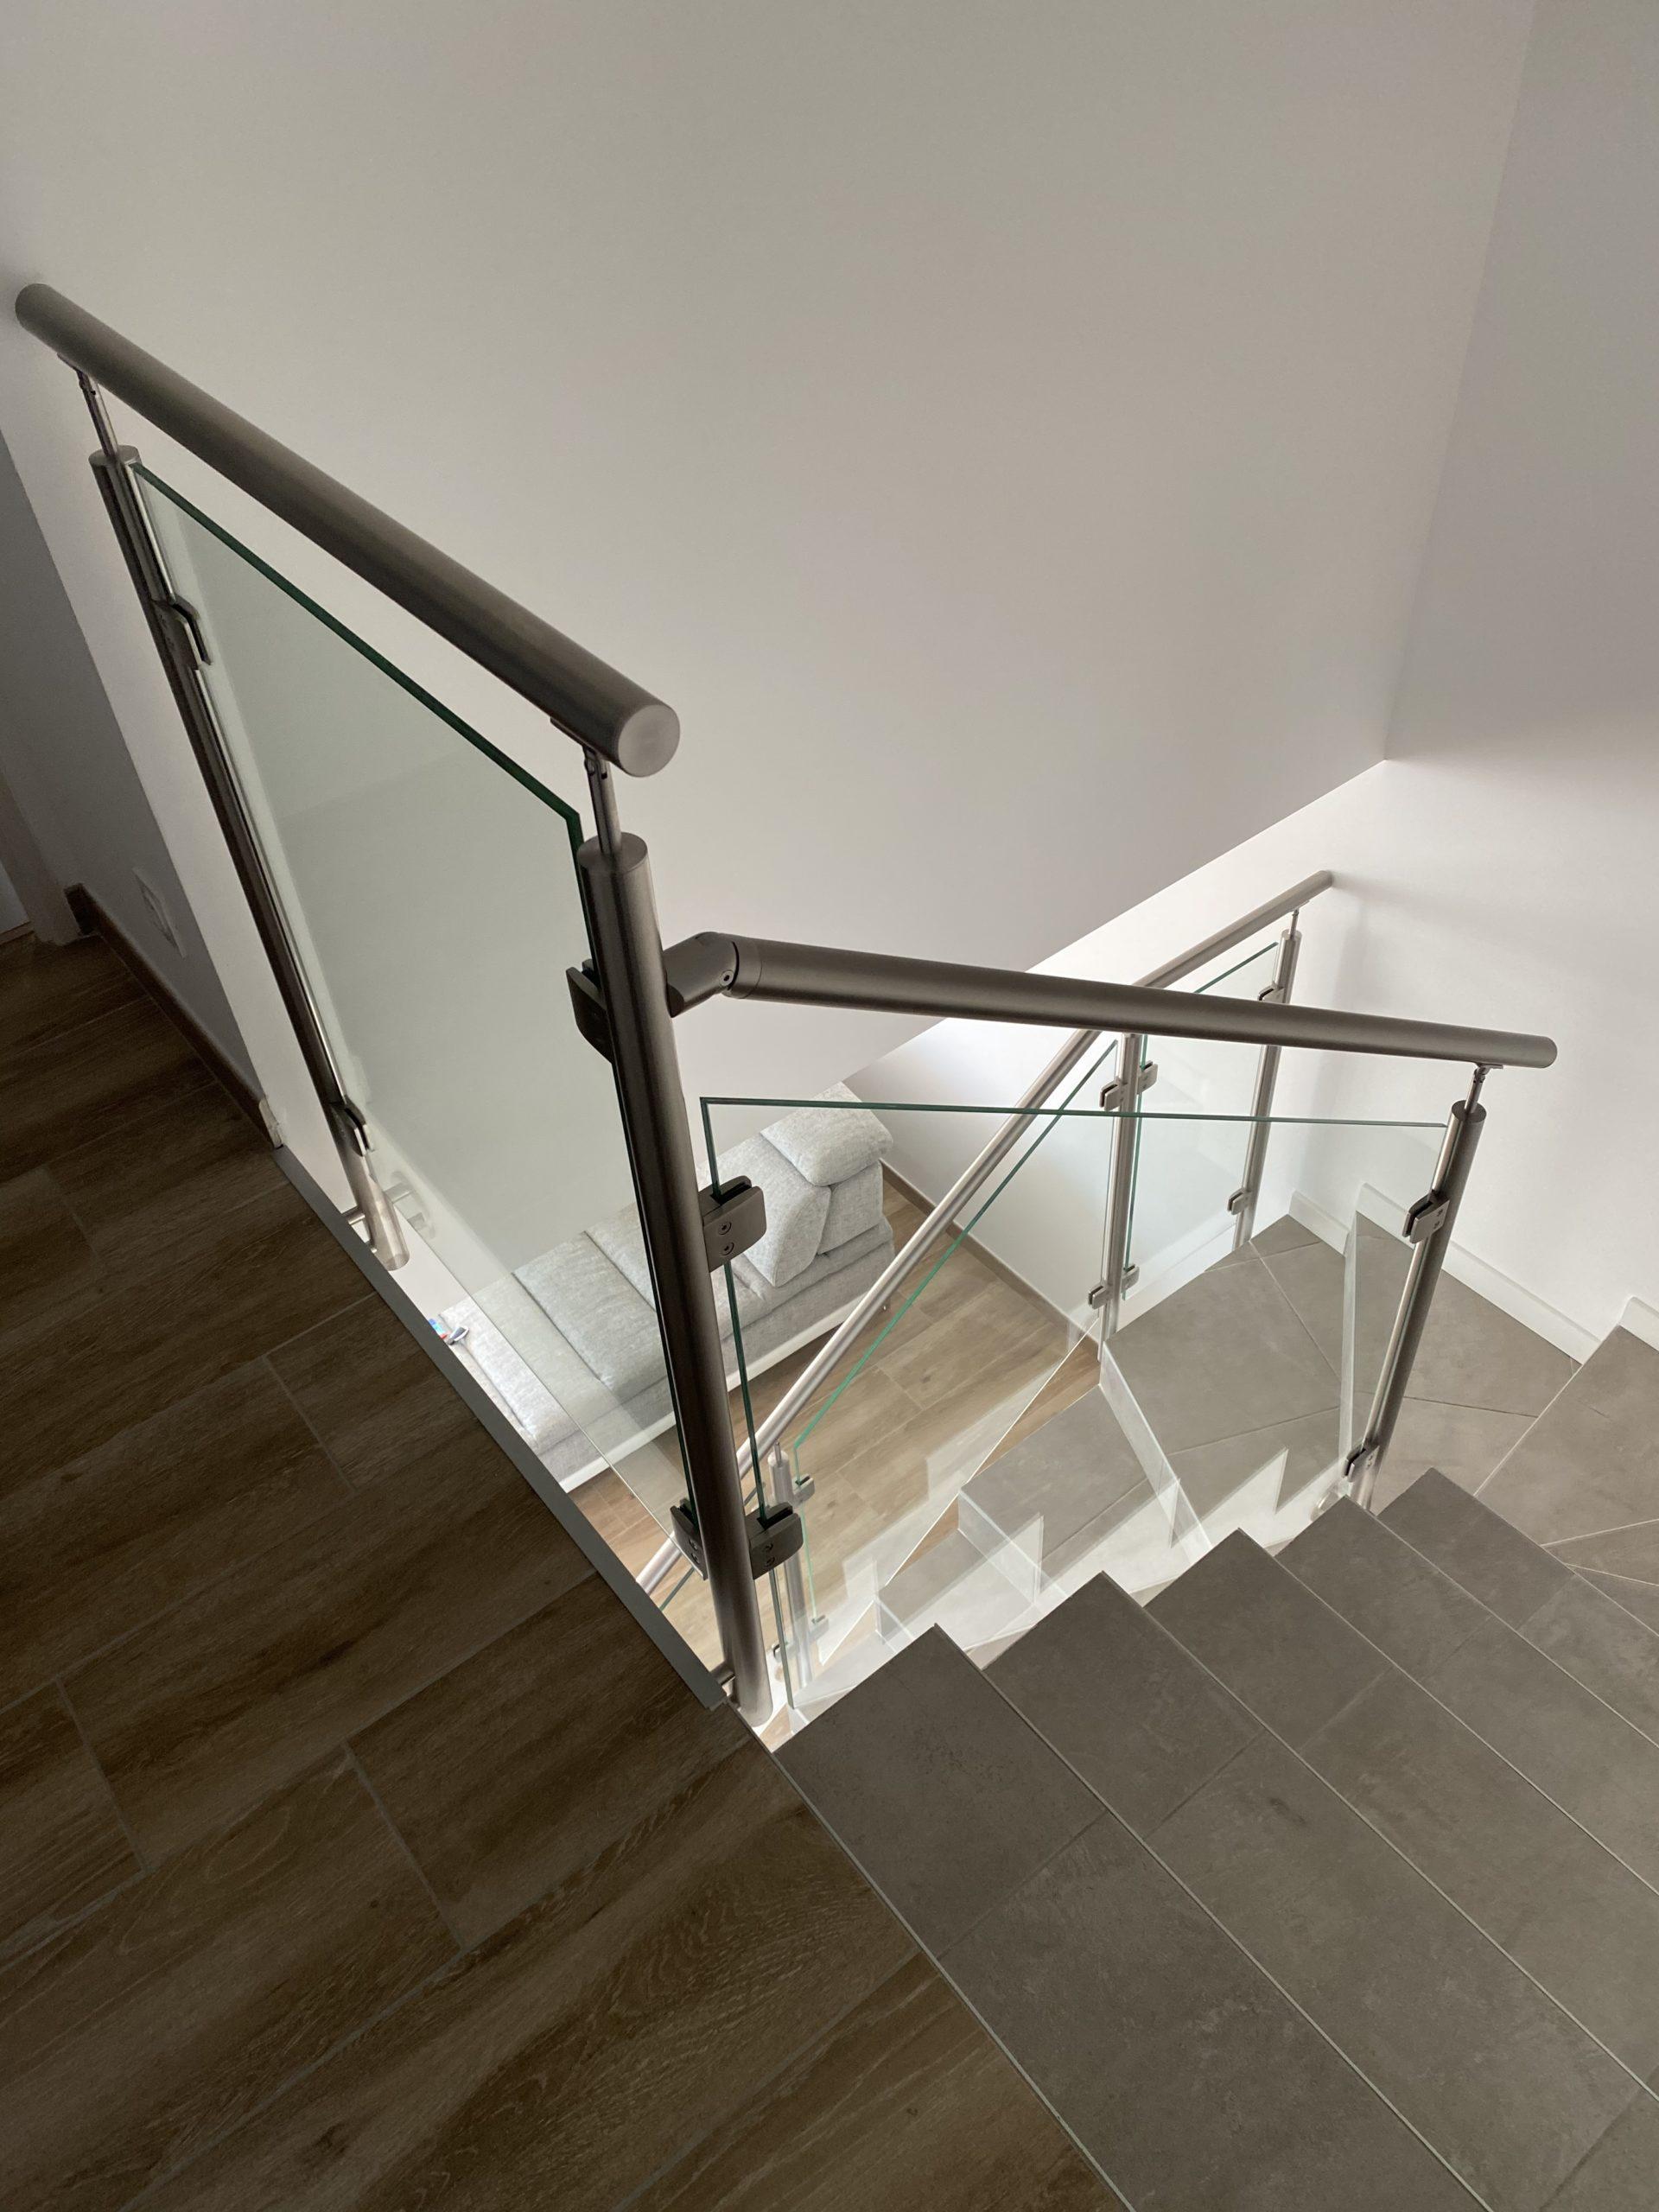 garde corps en inox et en verre sur un escalier béton